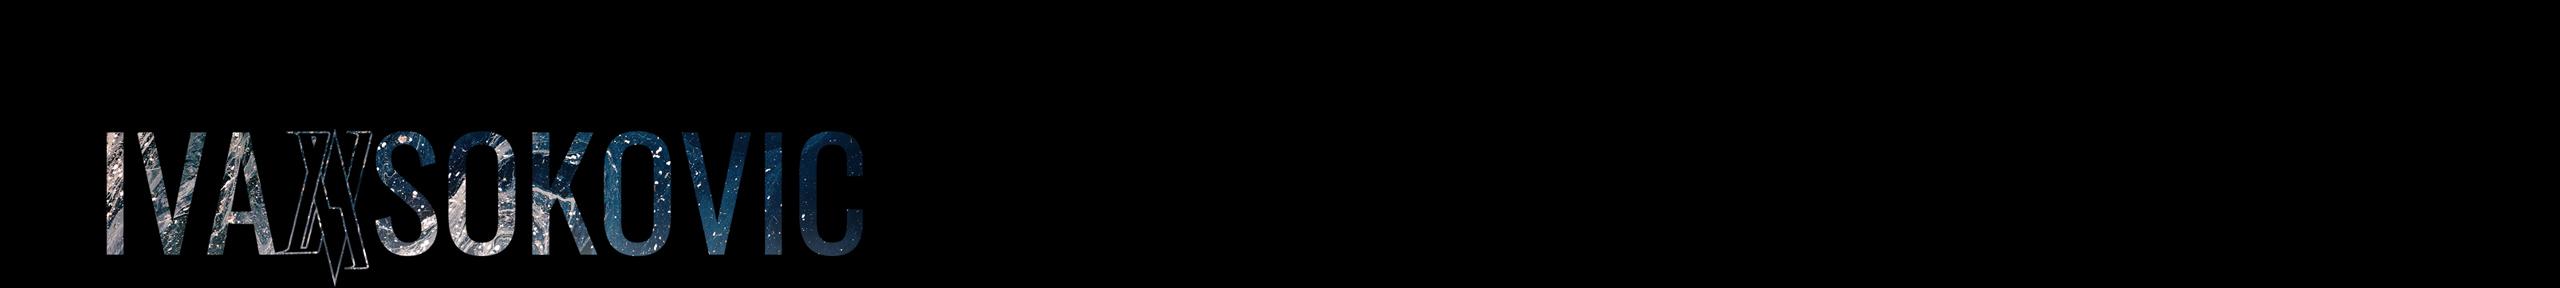 IVA SOKOVIC